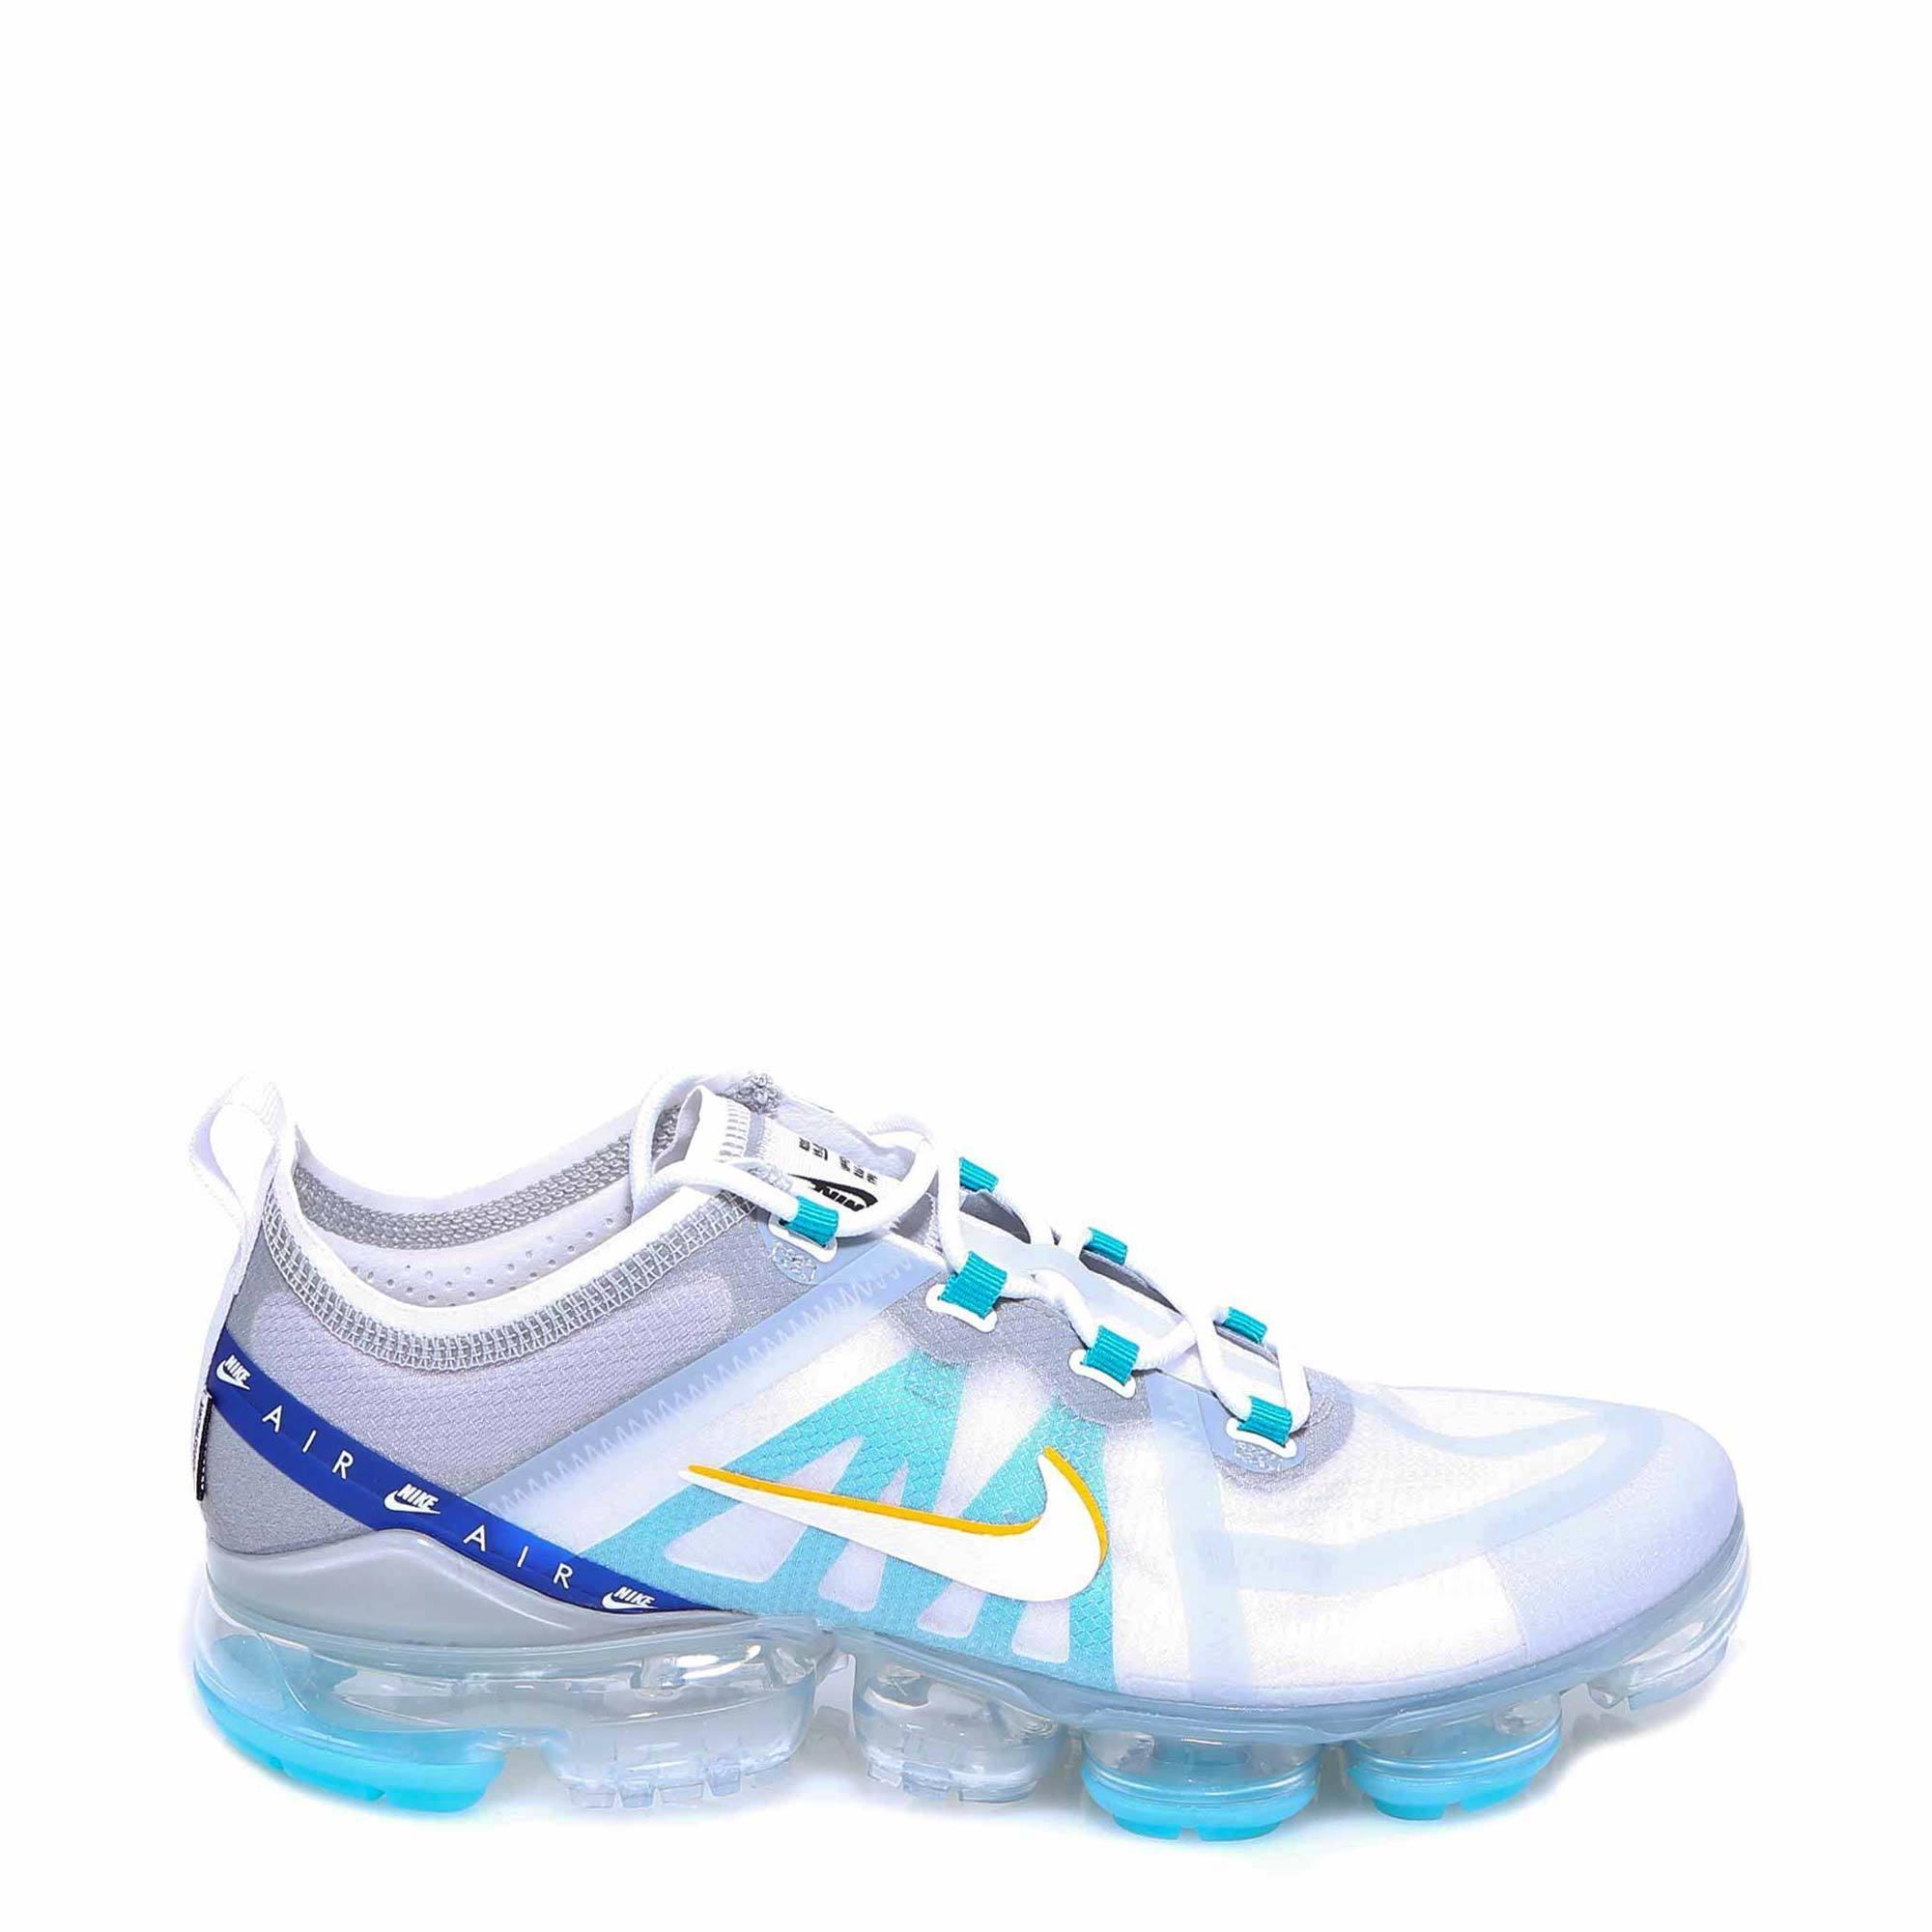 Nike Neoprene Air Vapormax 2019 Se Sneakers in White for Men - Lyst